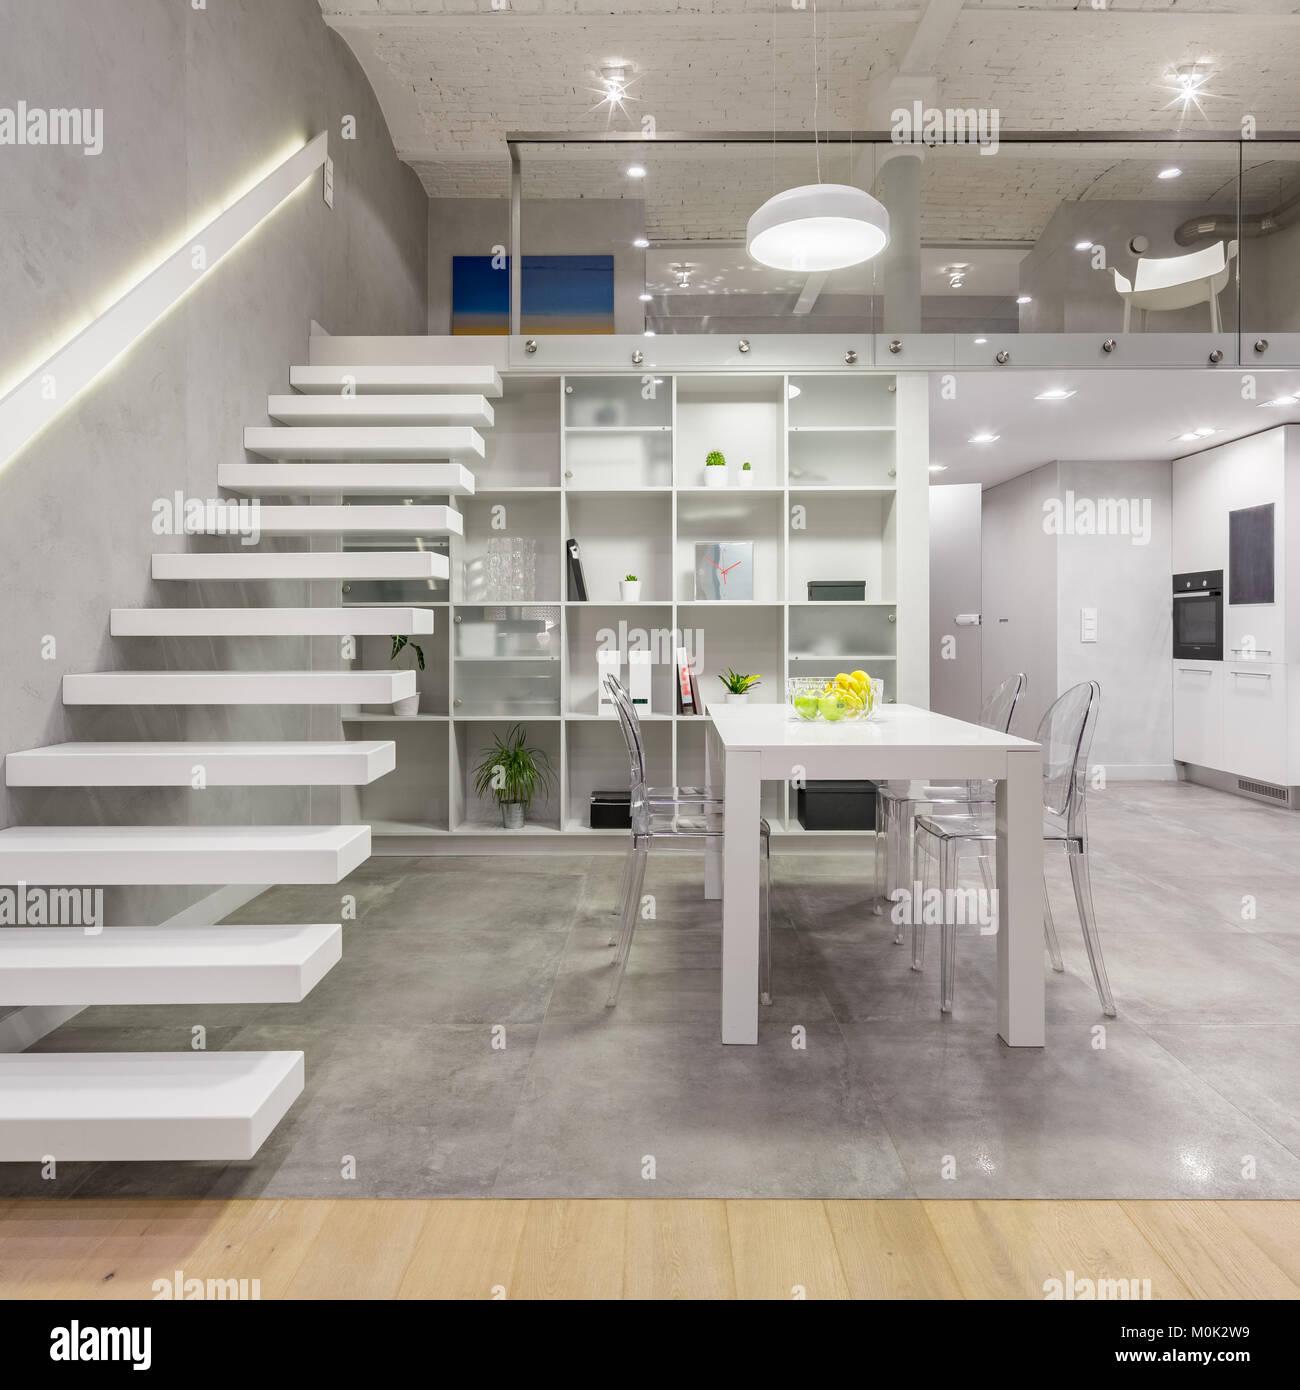 Loft Apartment mit weißen mezzanine Treppe, Tisch, Stühlen ...